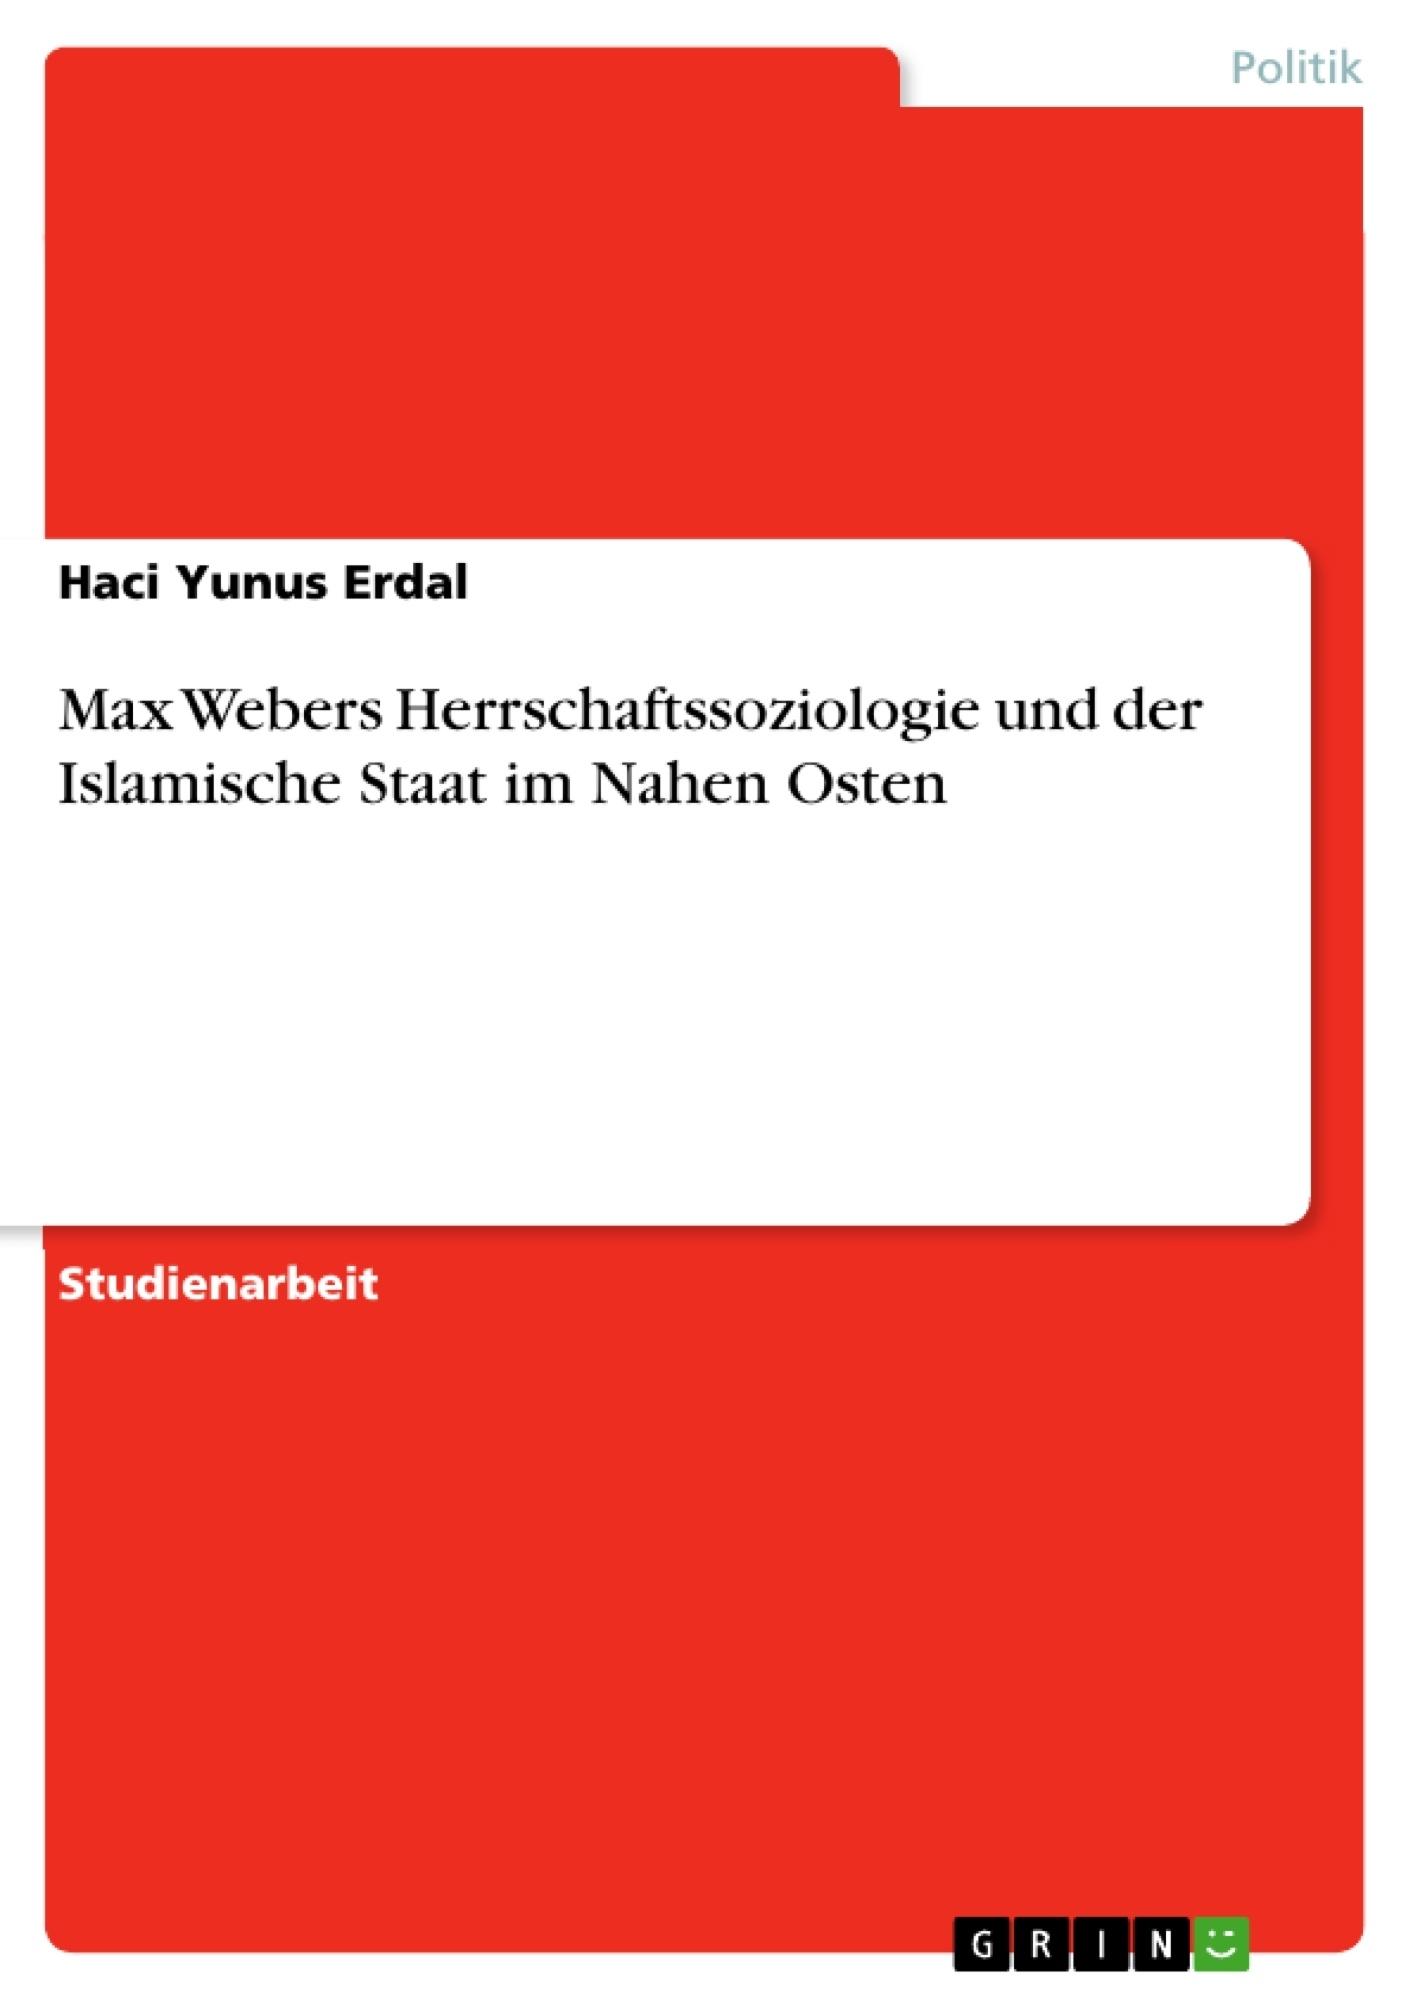 Titel: Max Webers Herrschaftssoziologie und der Islamische Staat im Nahen Osten